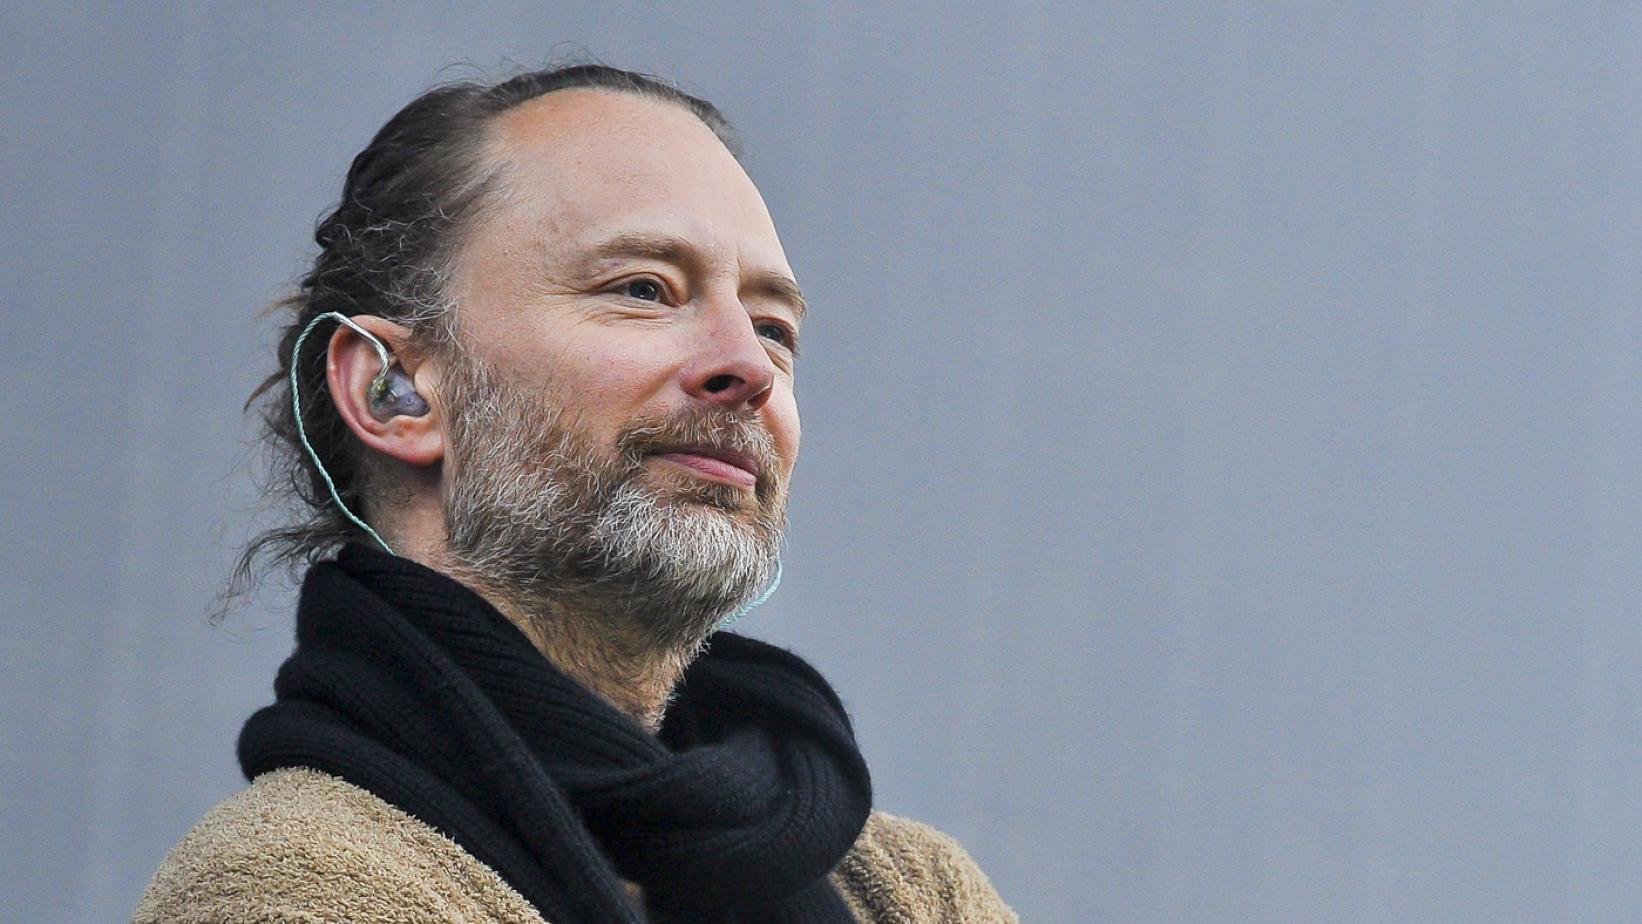 Concerti Thom Yorke 2019: date, città, biglietti